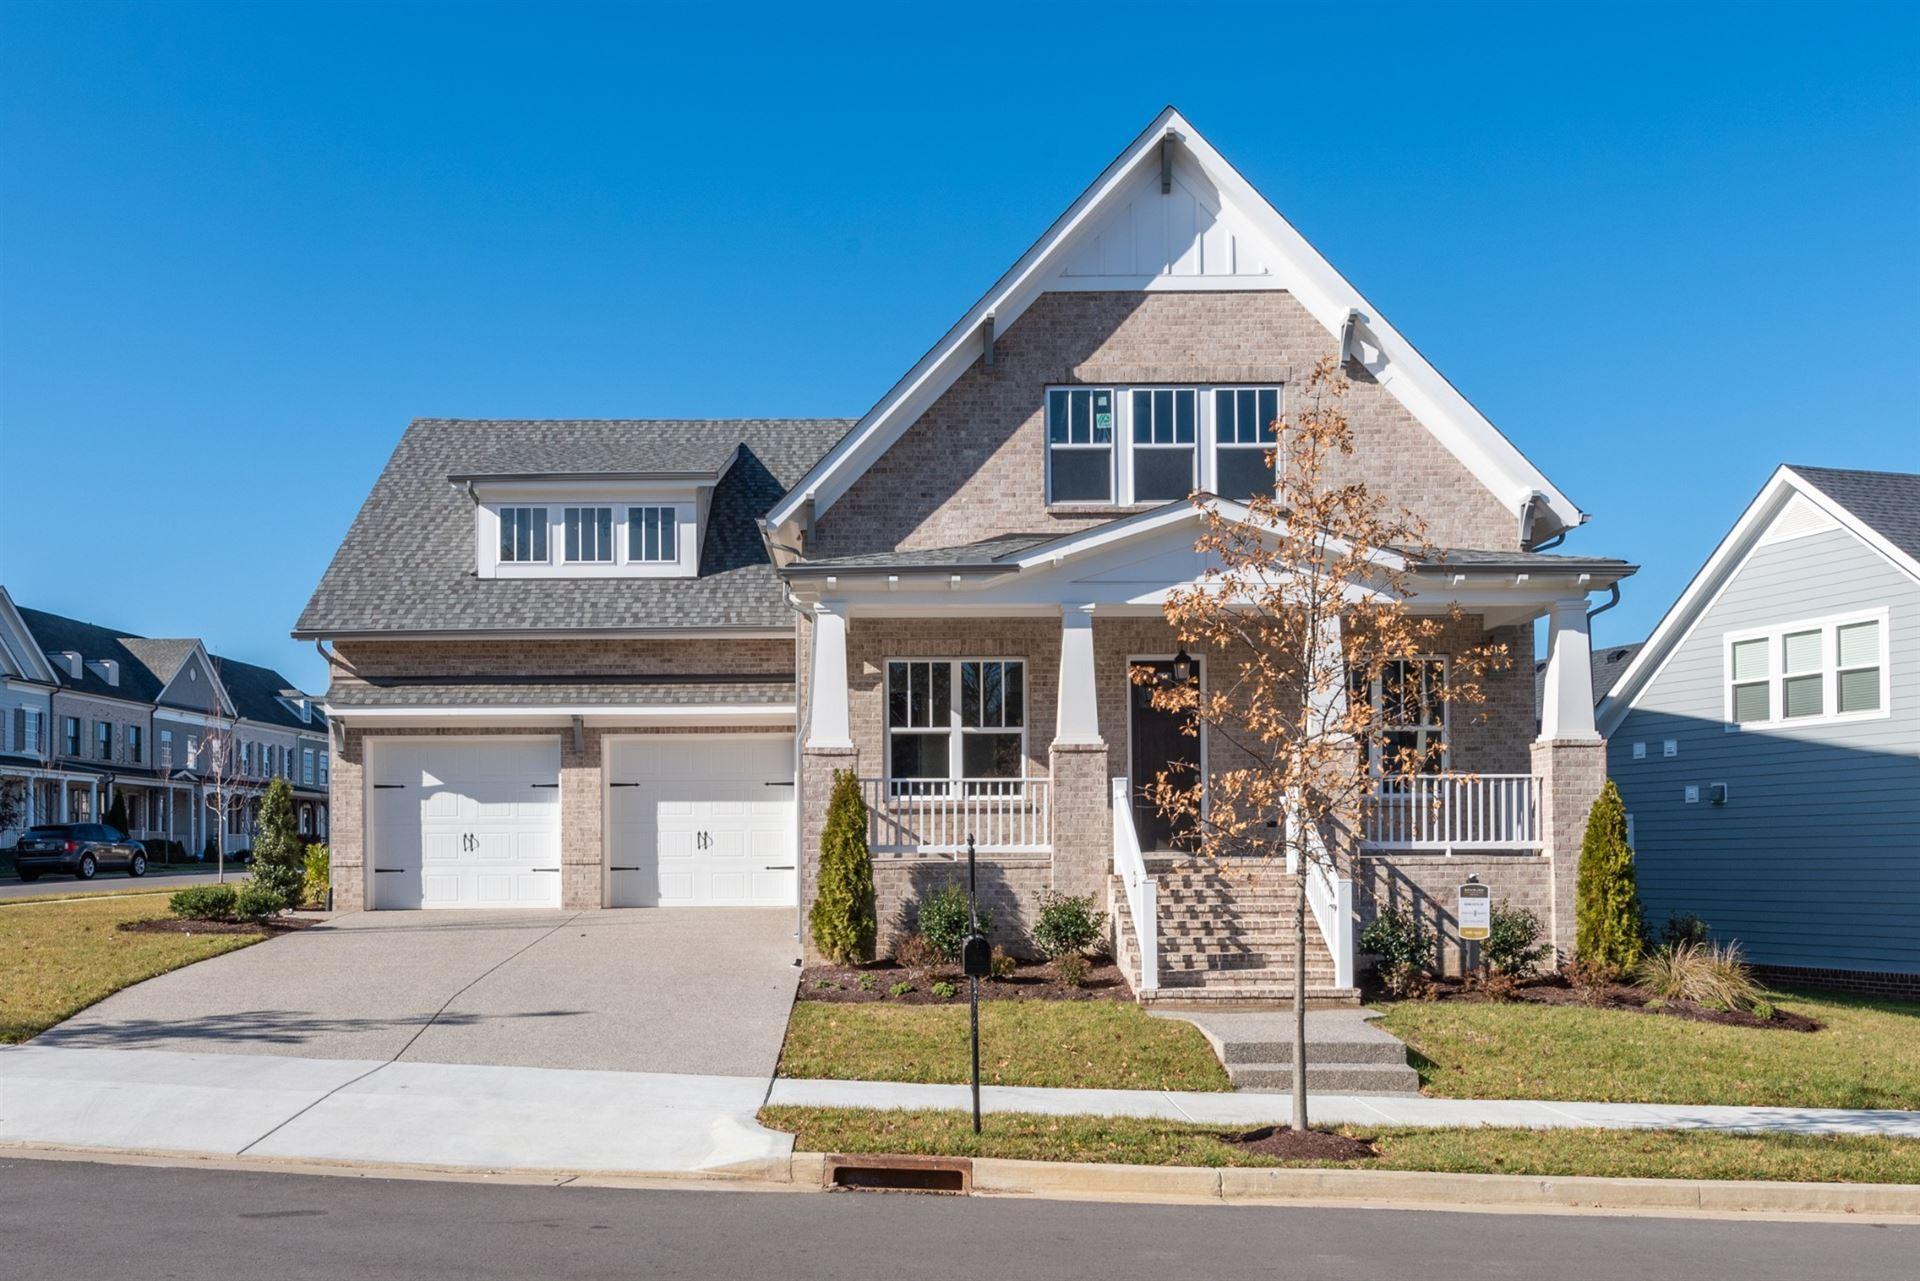 6061 Maysbrook Ln Lot 29, Franklin, TN 37064 - MLS#: 2167349